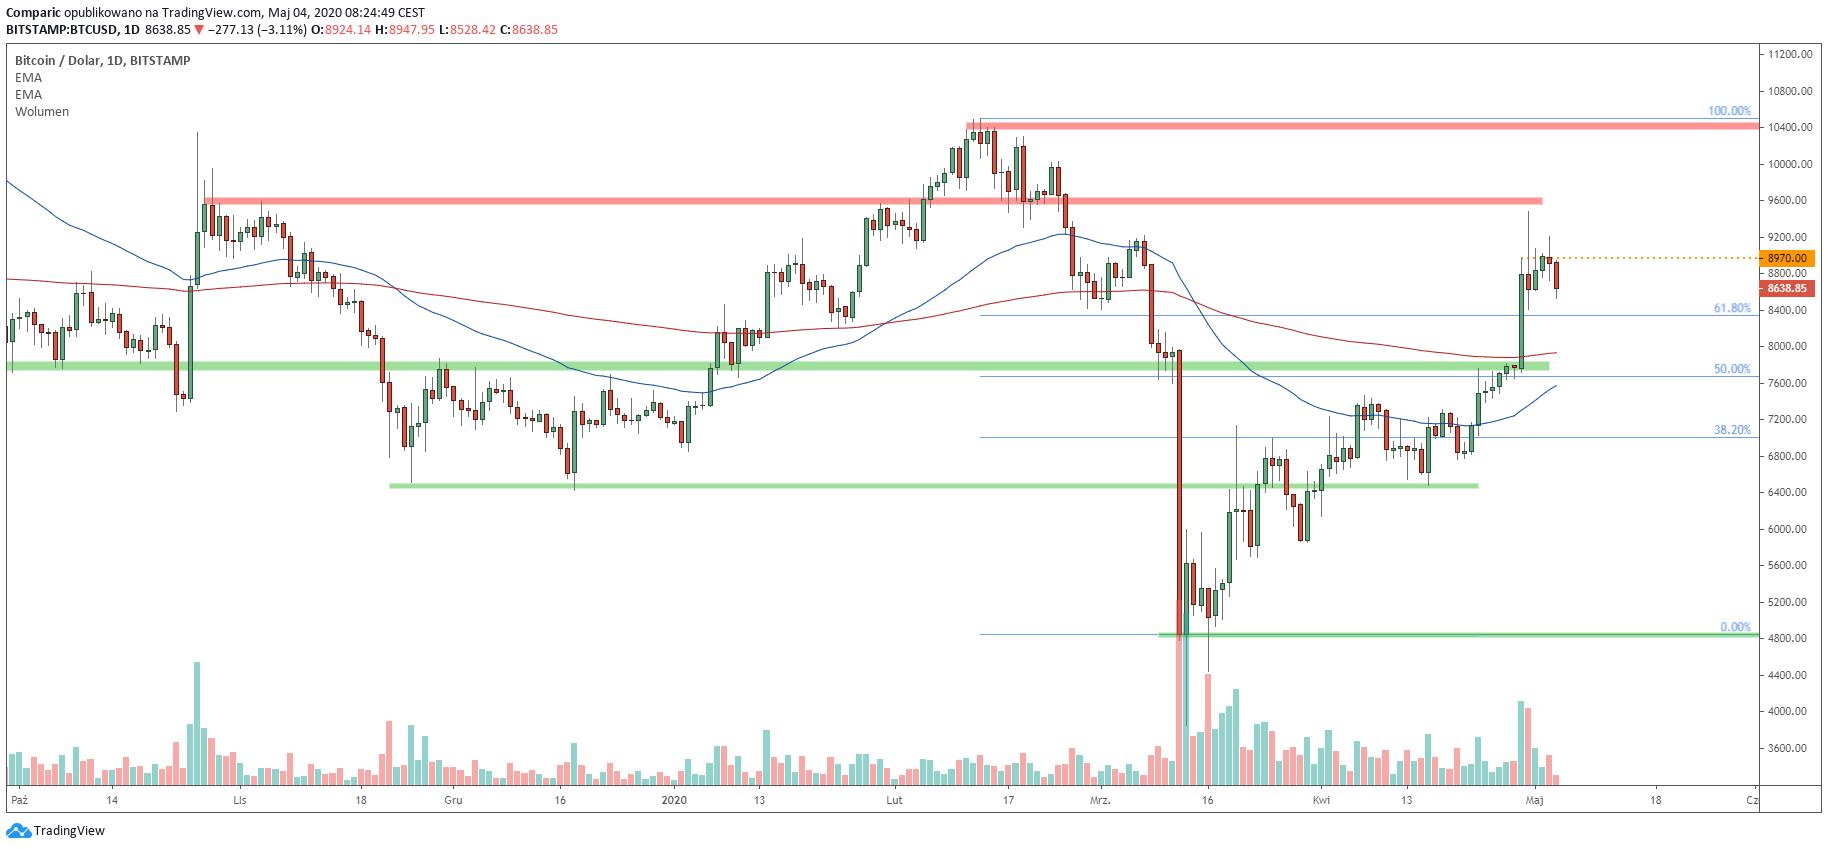 Bitcoin po dobrym kwietniu rozpoczyna nowy miesiąc od spadków. Źródło: Tradingview.com